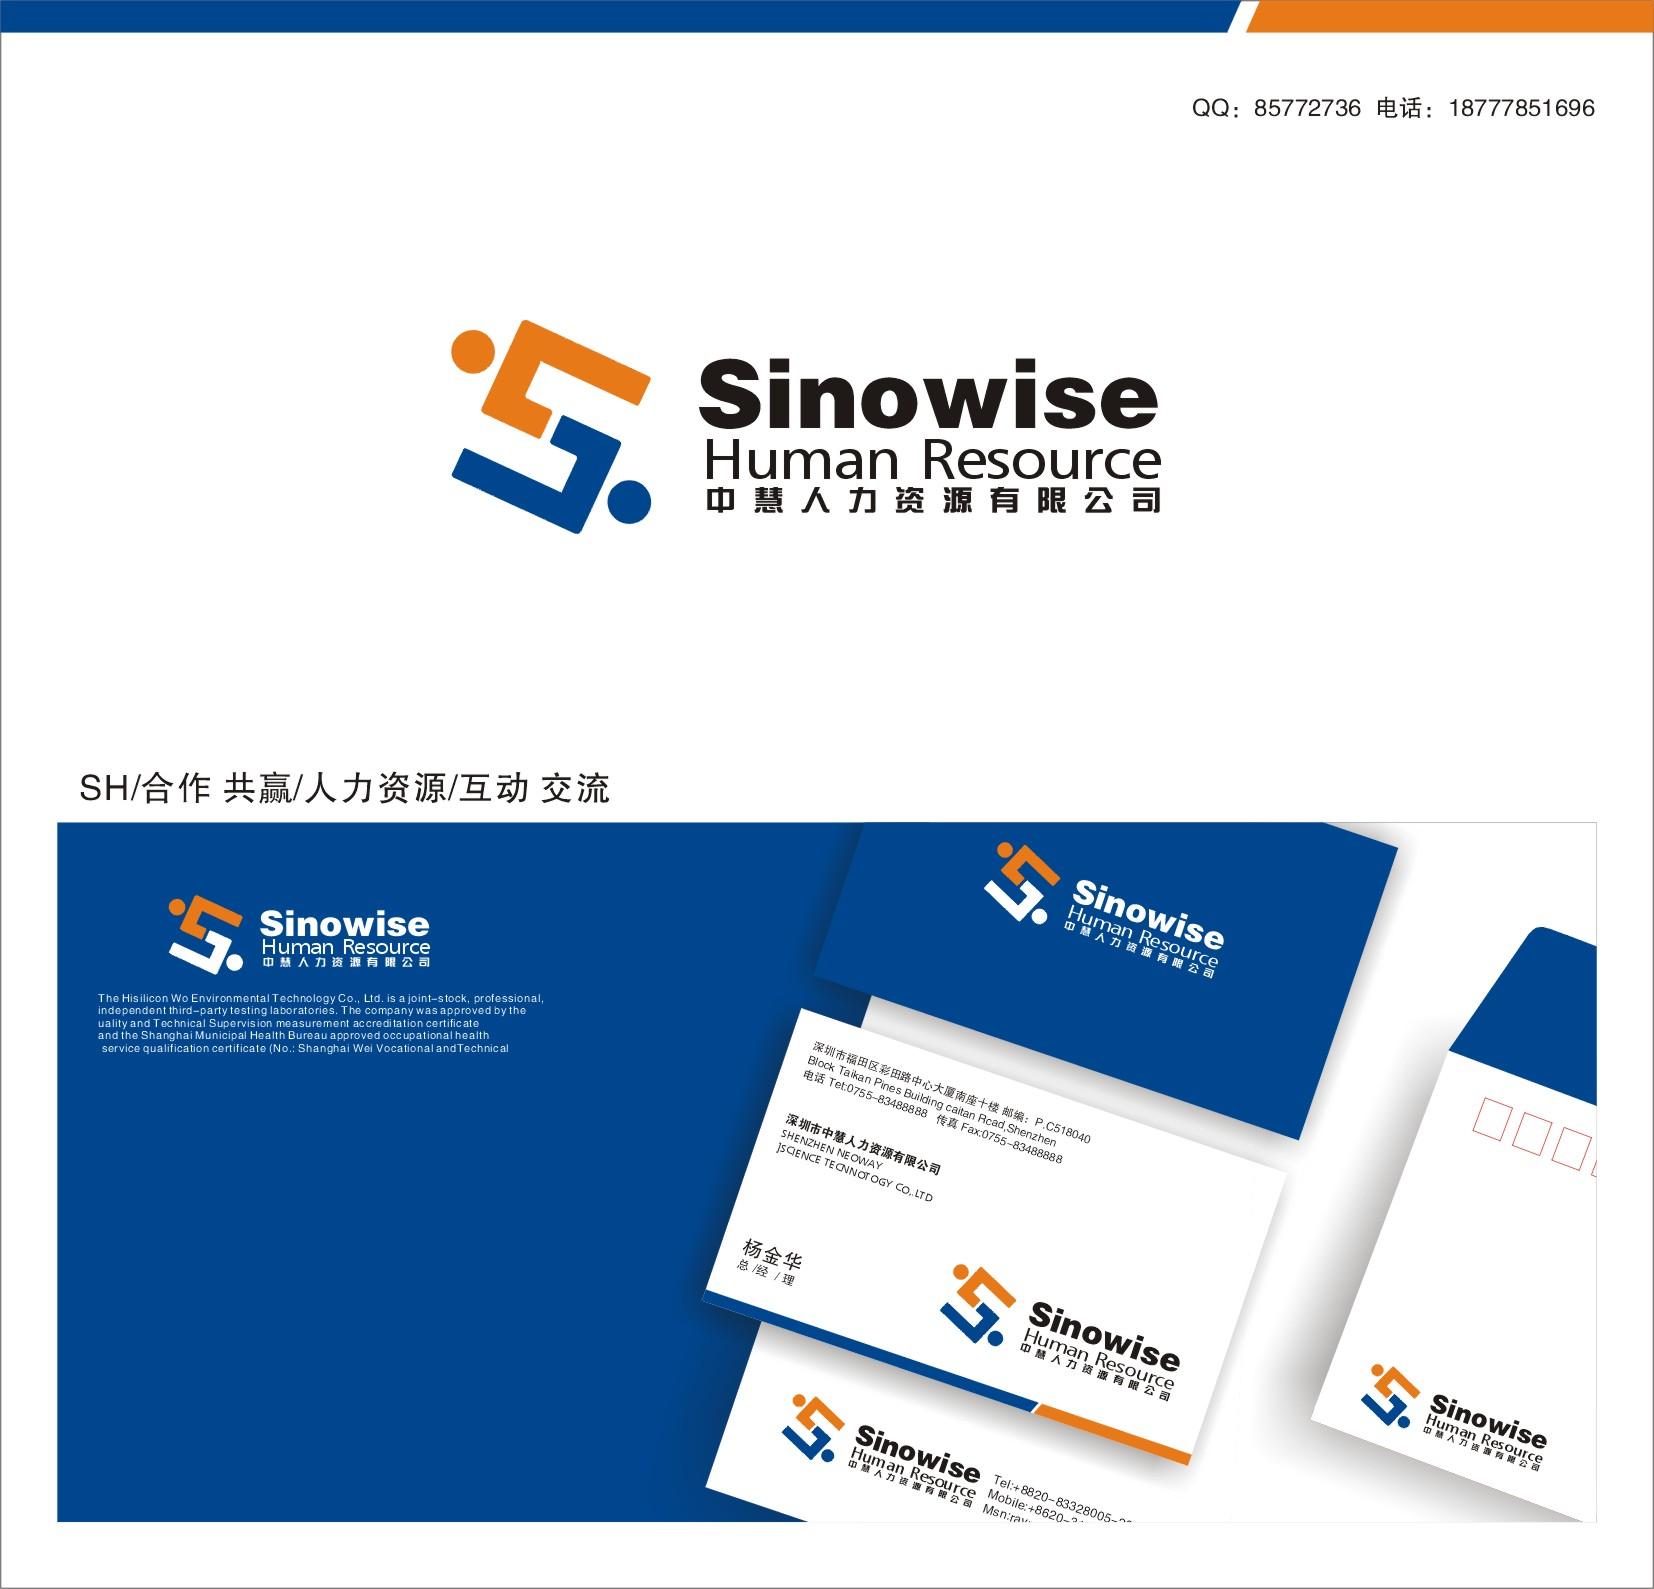 人力资源公司logo名片信封设计/大精简_2453358_k68威客网图片